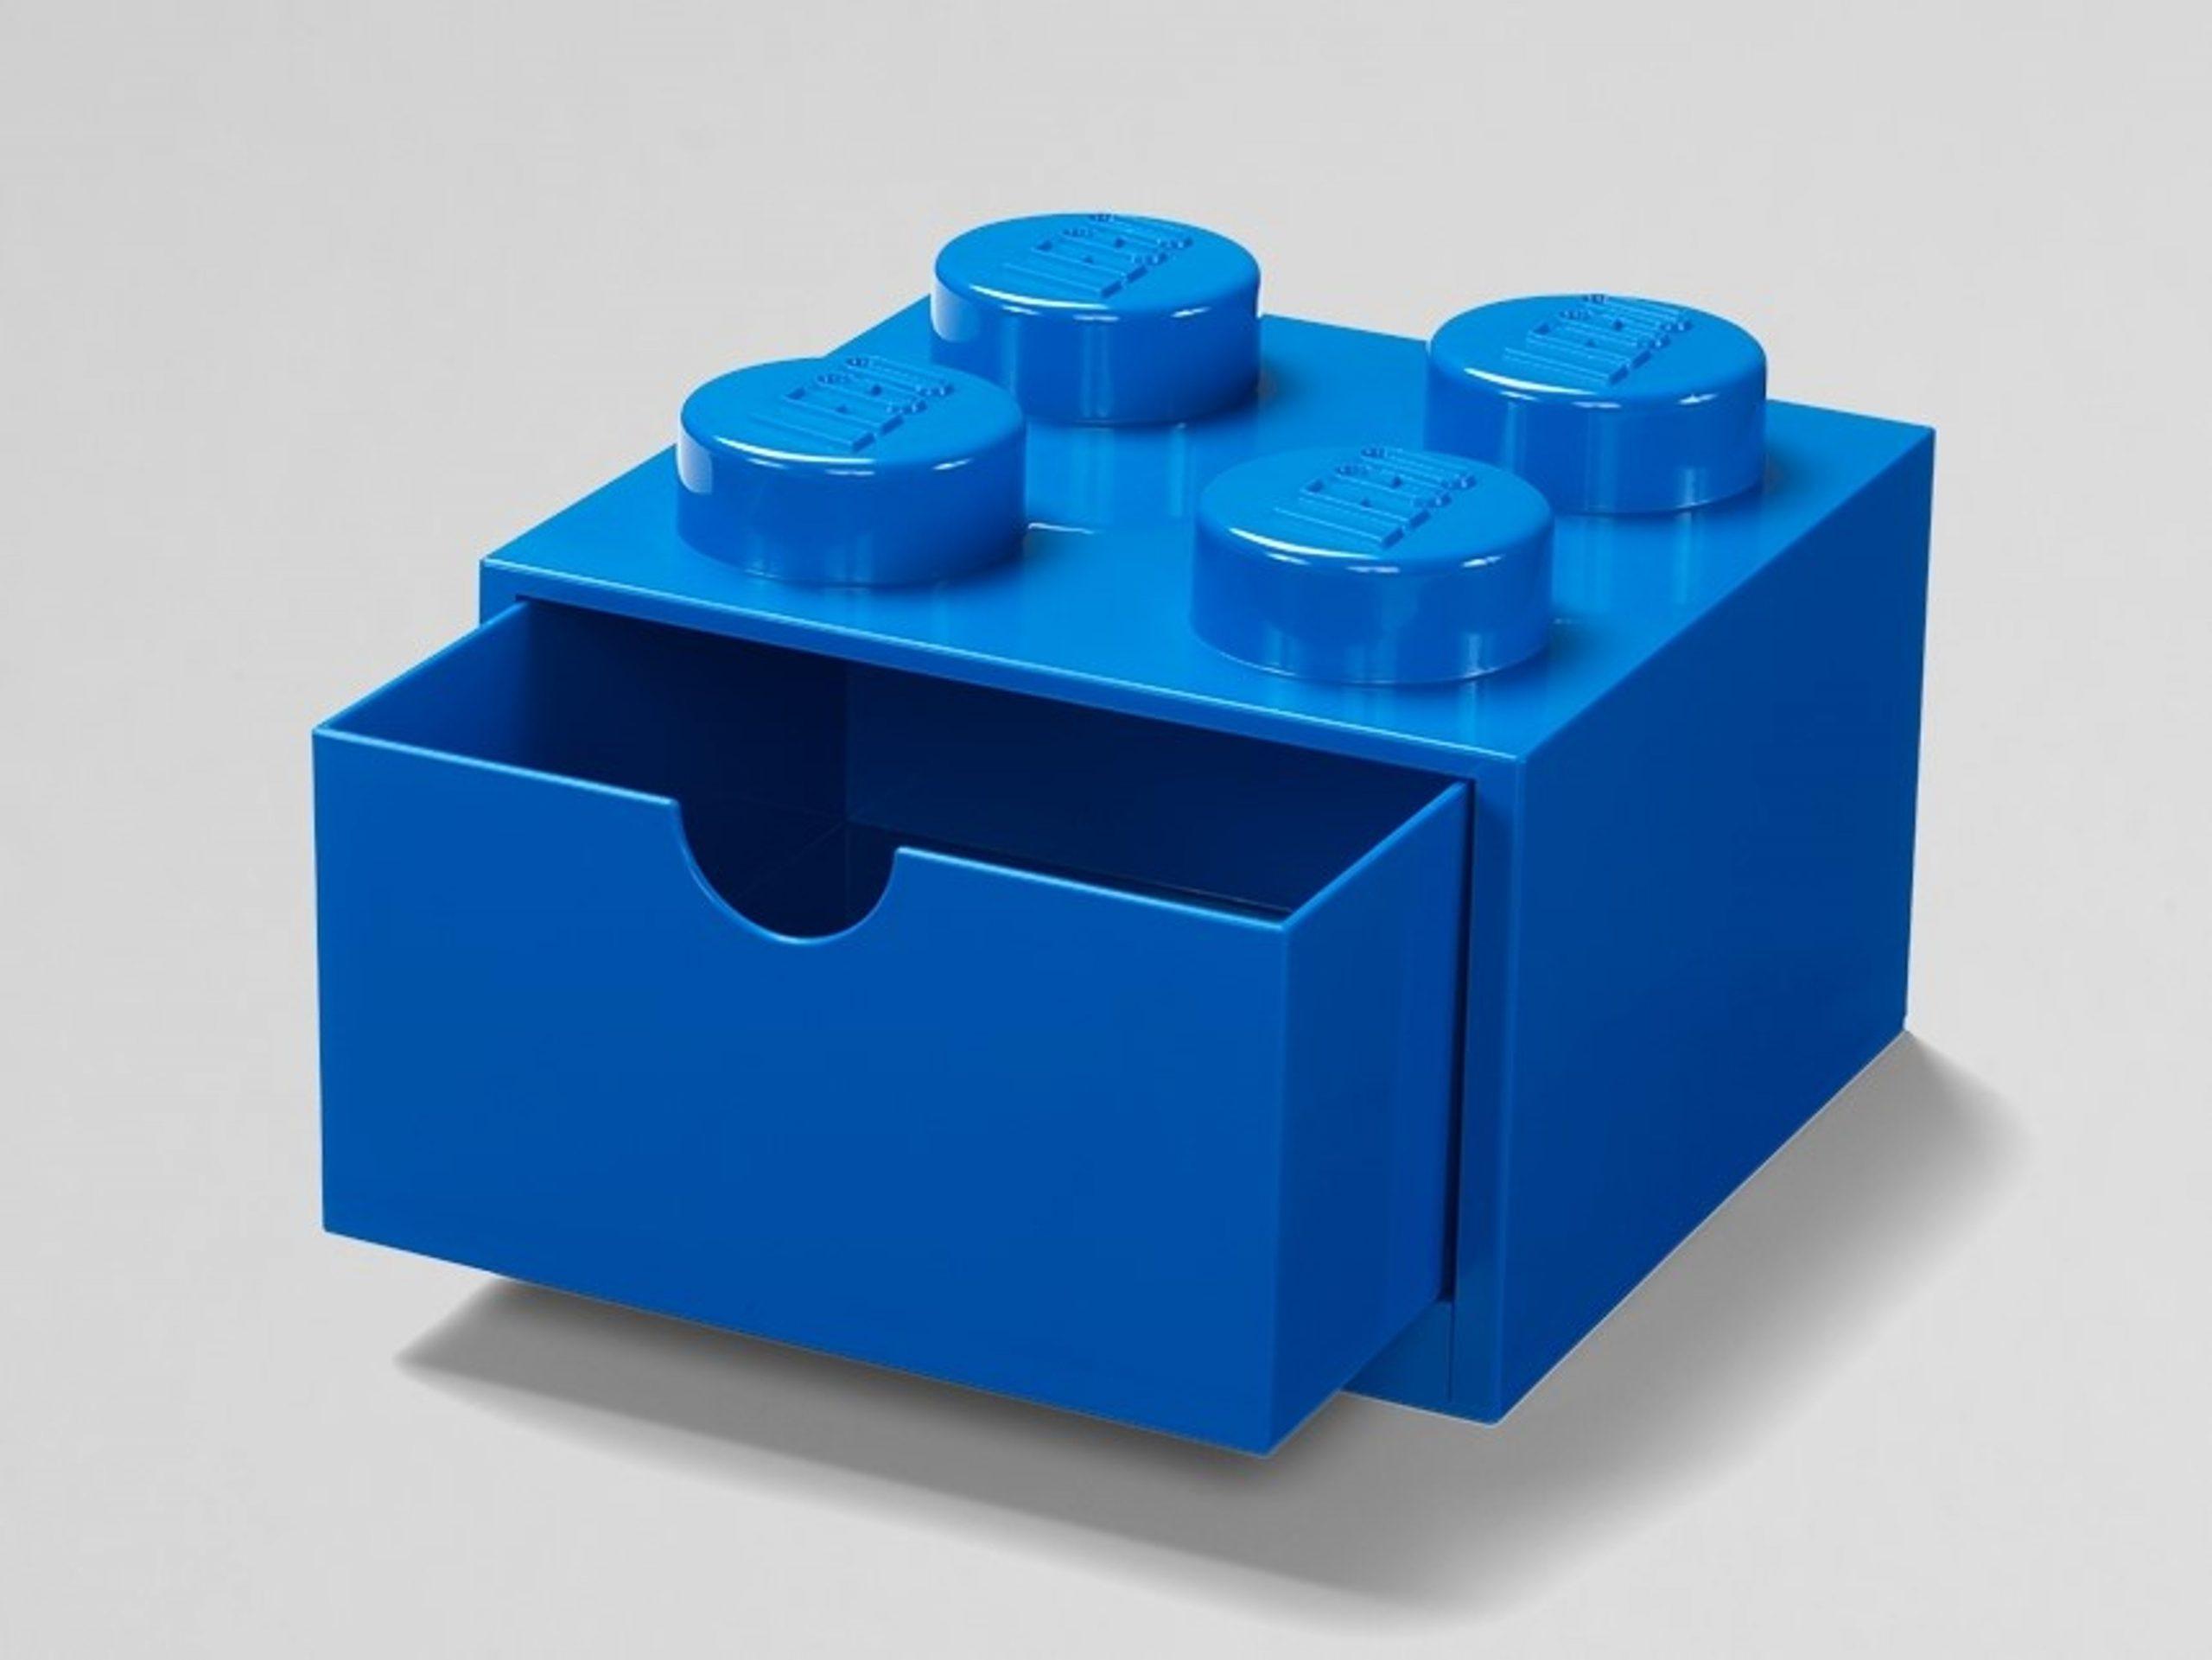 lego 5005889 4 stud blue desk drawer scaled